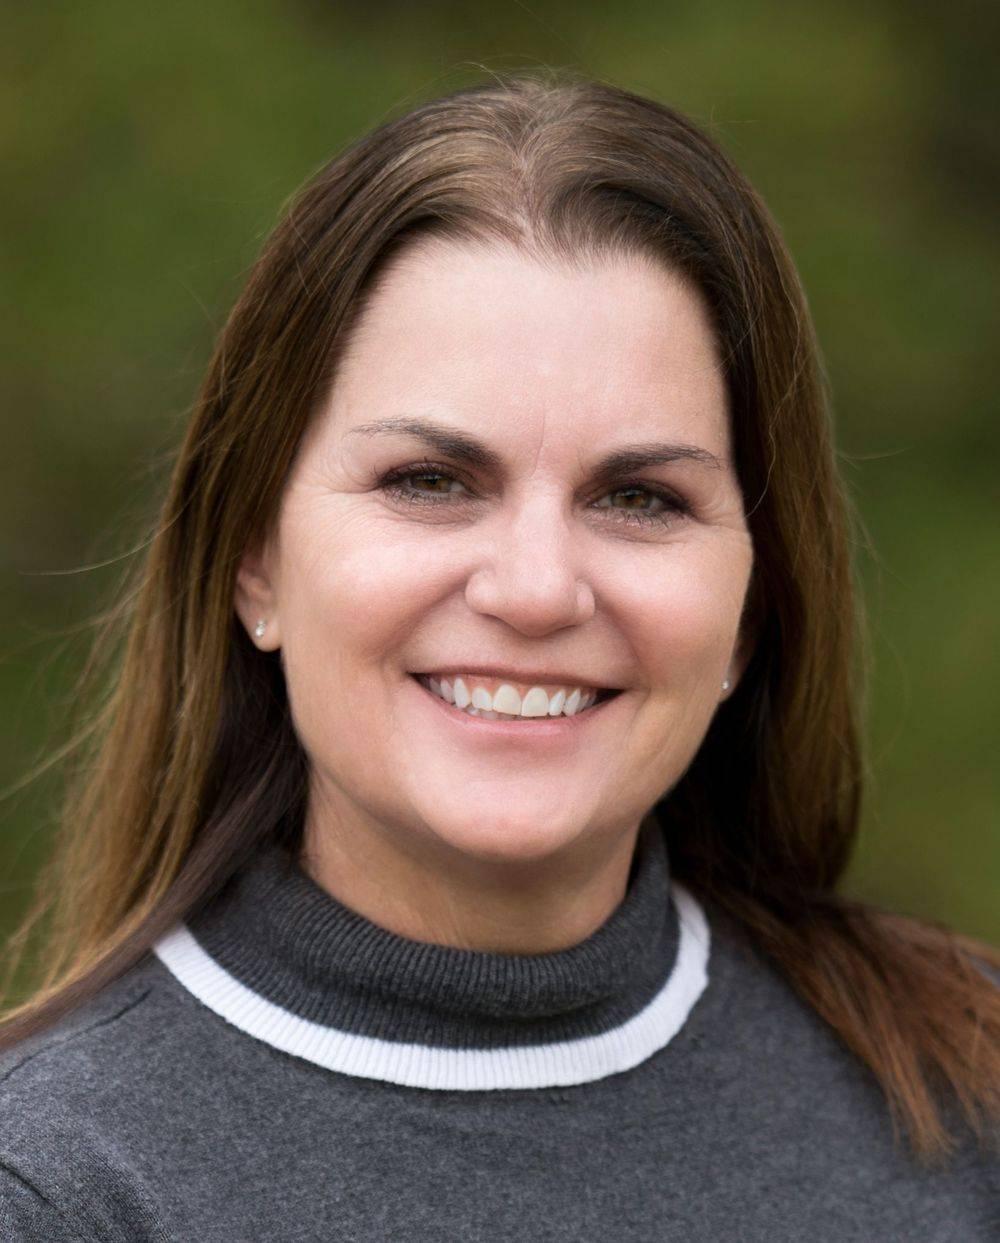 Heidi Simon LPN and End of Life Doula